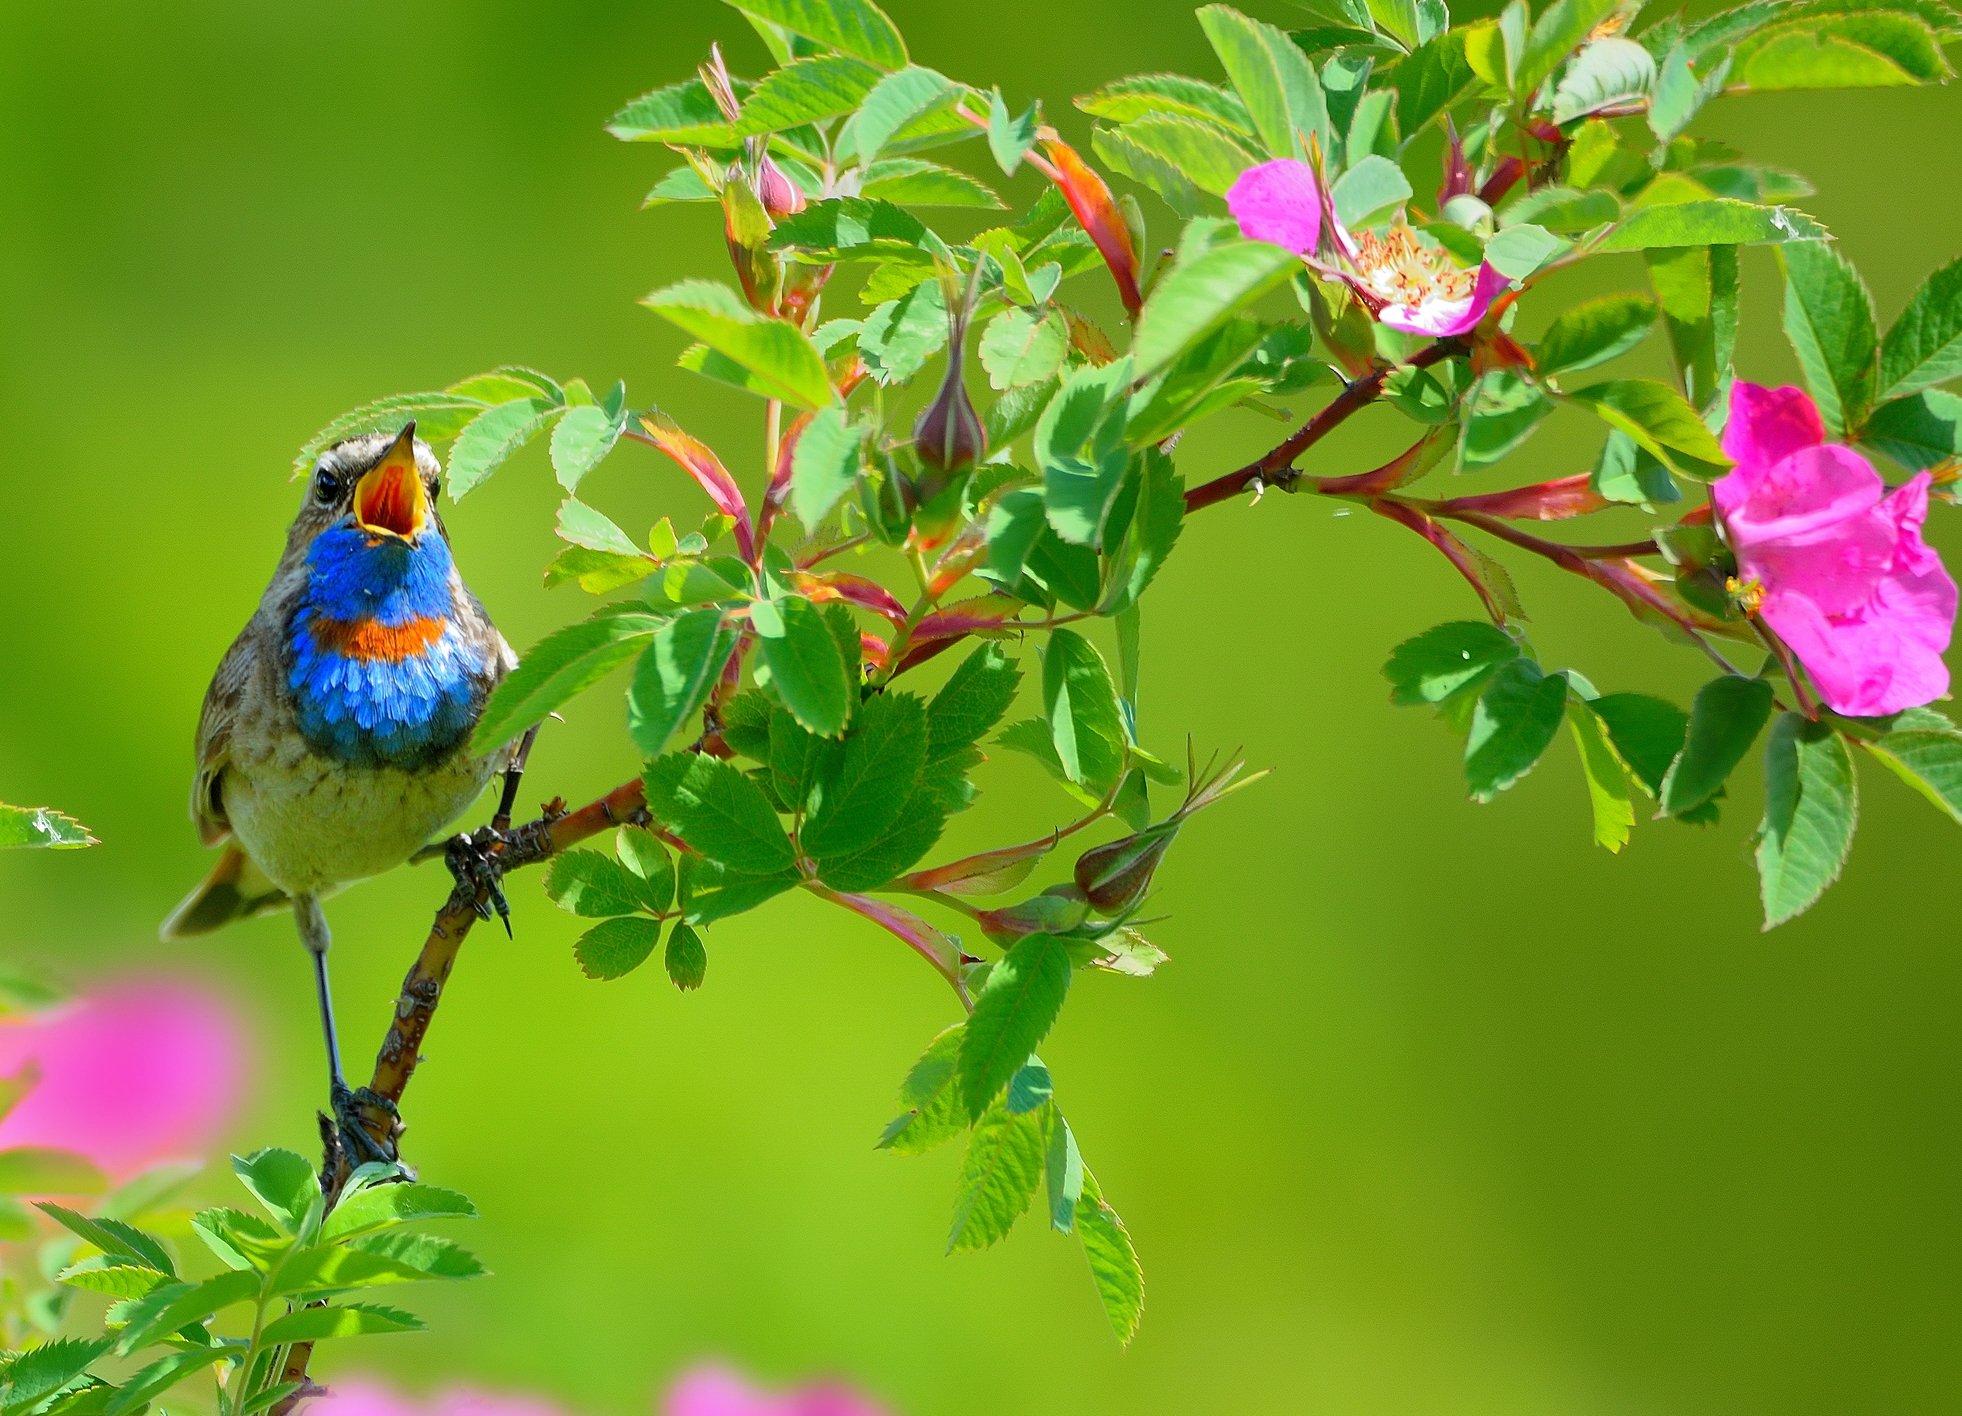 природа, фотоохота, варакушка, птицы, животные, цветы, лето, vladilenoff